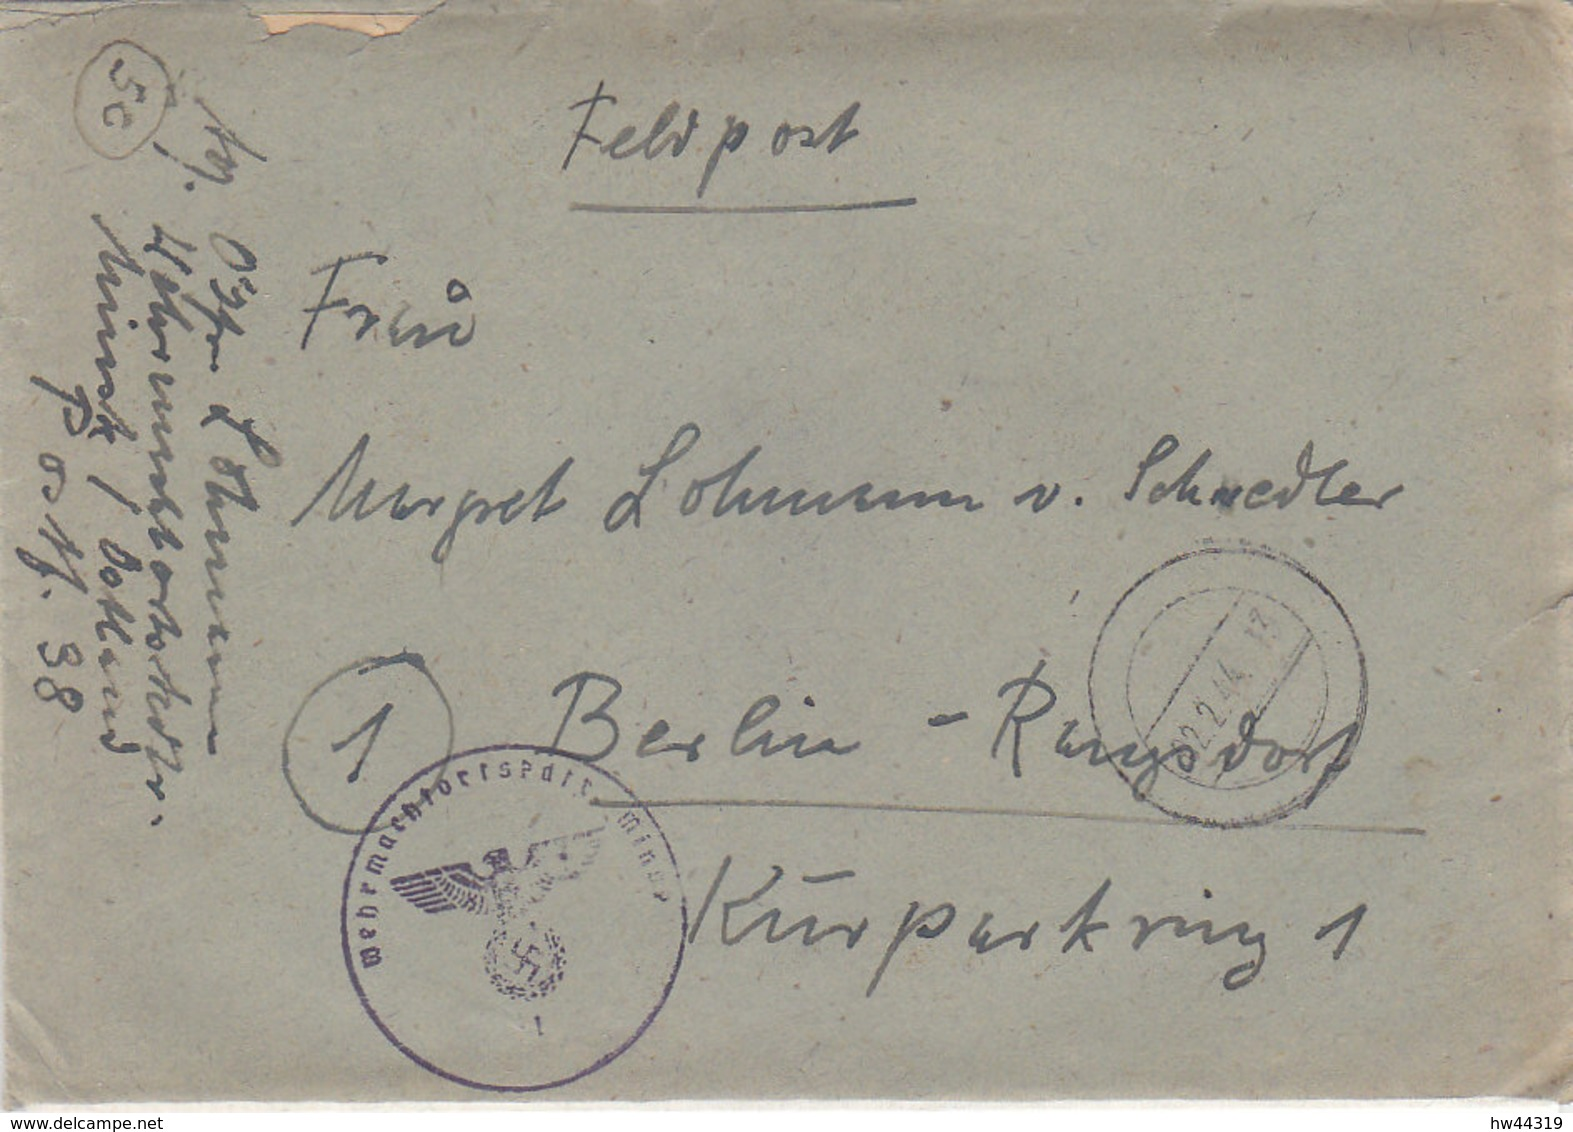 Feldpost Von Der Wehrmachtsortskommandantur MINSK / Ostland 2.2.44 Mit Viel Inhalt - Briefe U. Dokumente